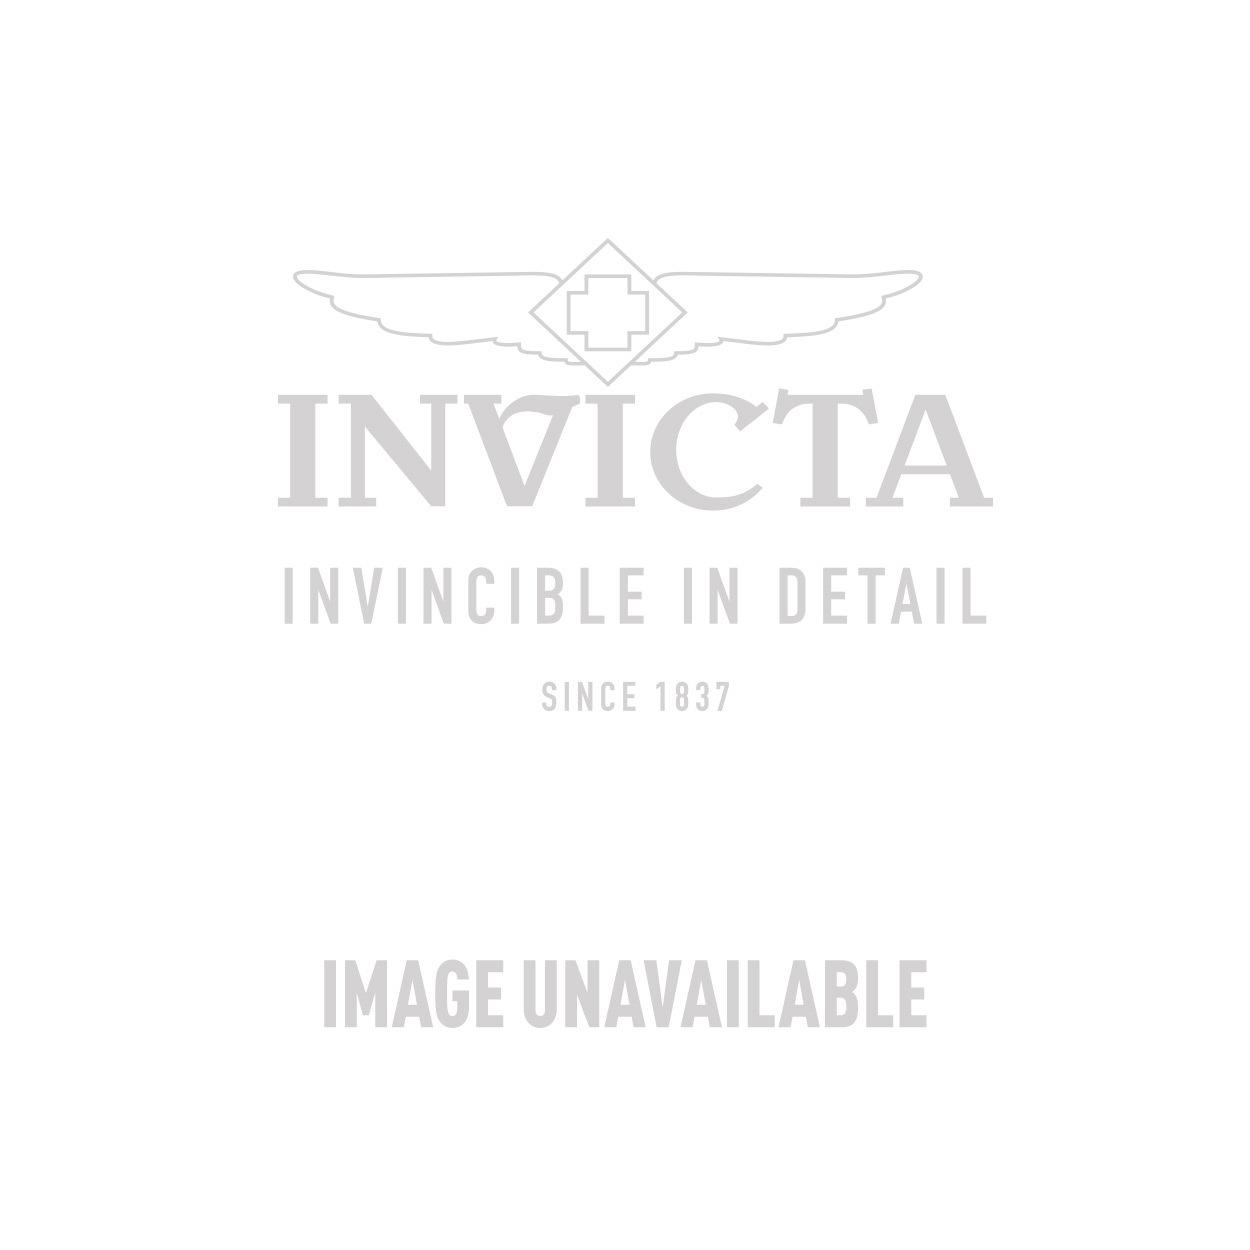 Invicta Model 25191